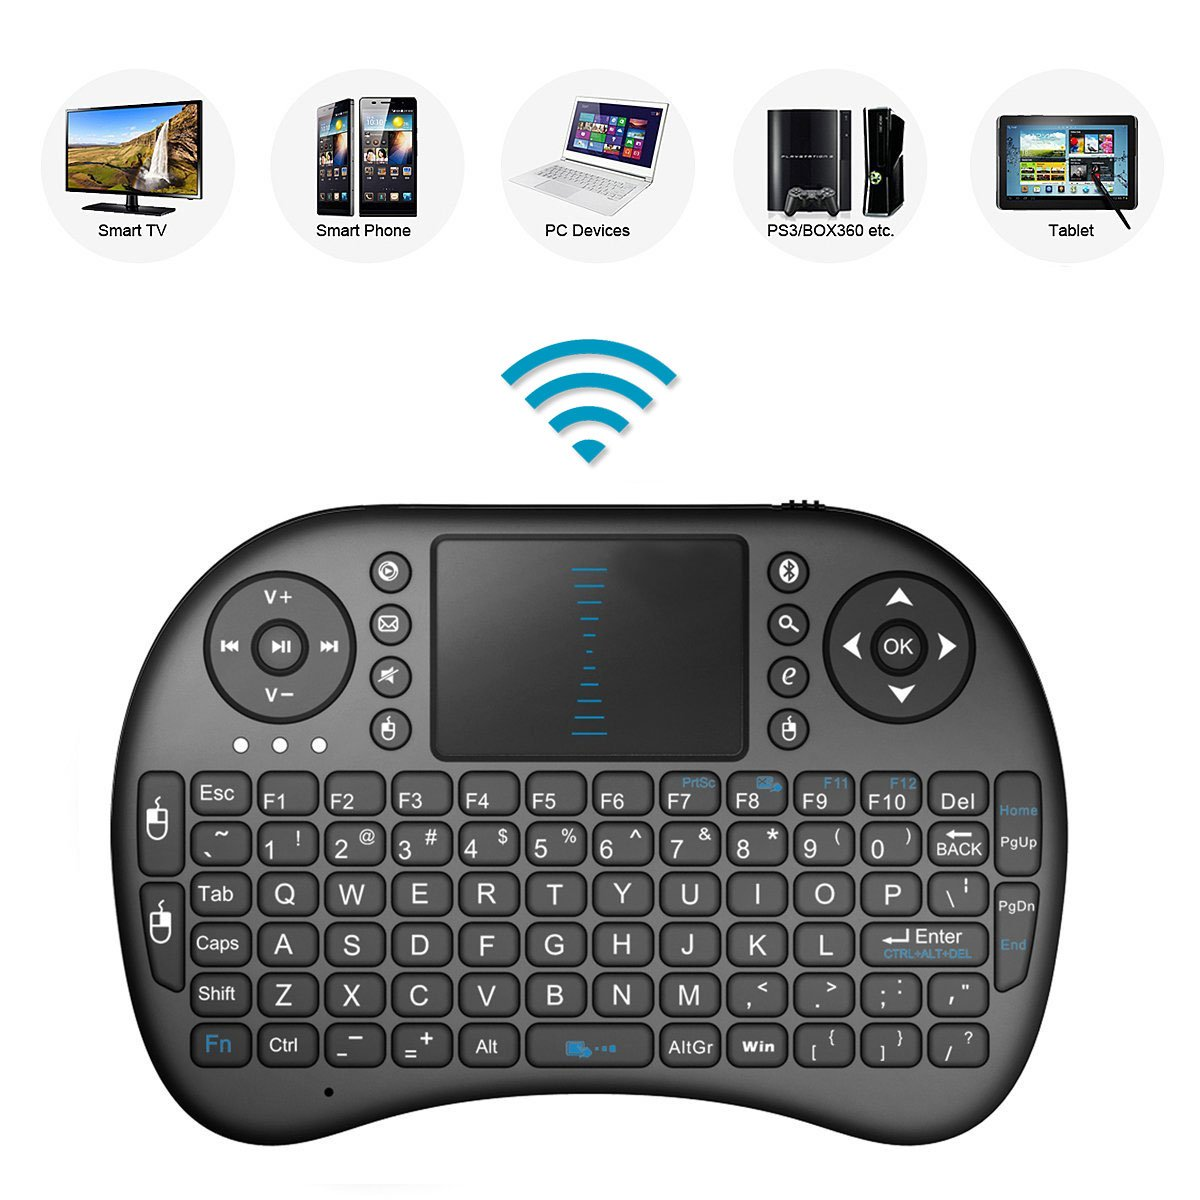 2.4GHz ミニ モバイル ワイヤレス キーボード タッチパッド付き リモコン 充電式リチウムイオンバッテリー LG 28TK420S-PZ 28インチ用 B07P9T634V